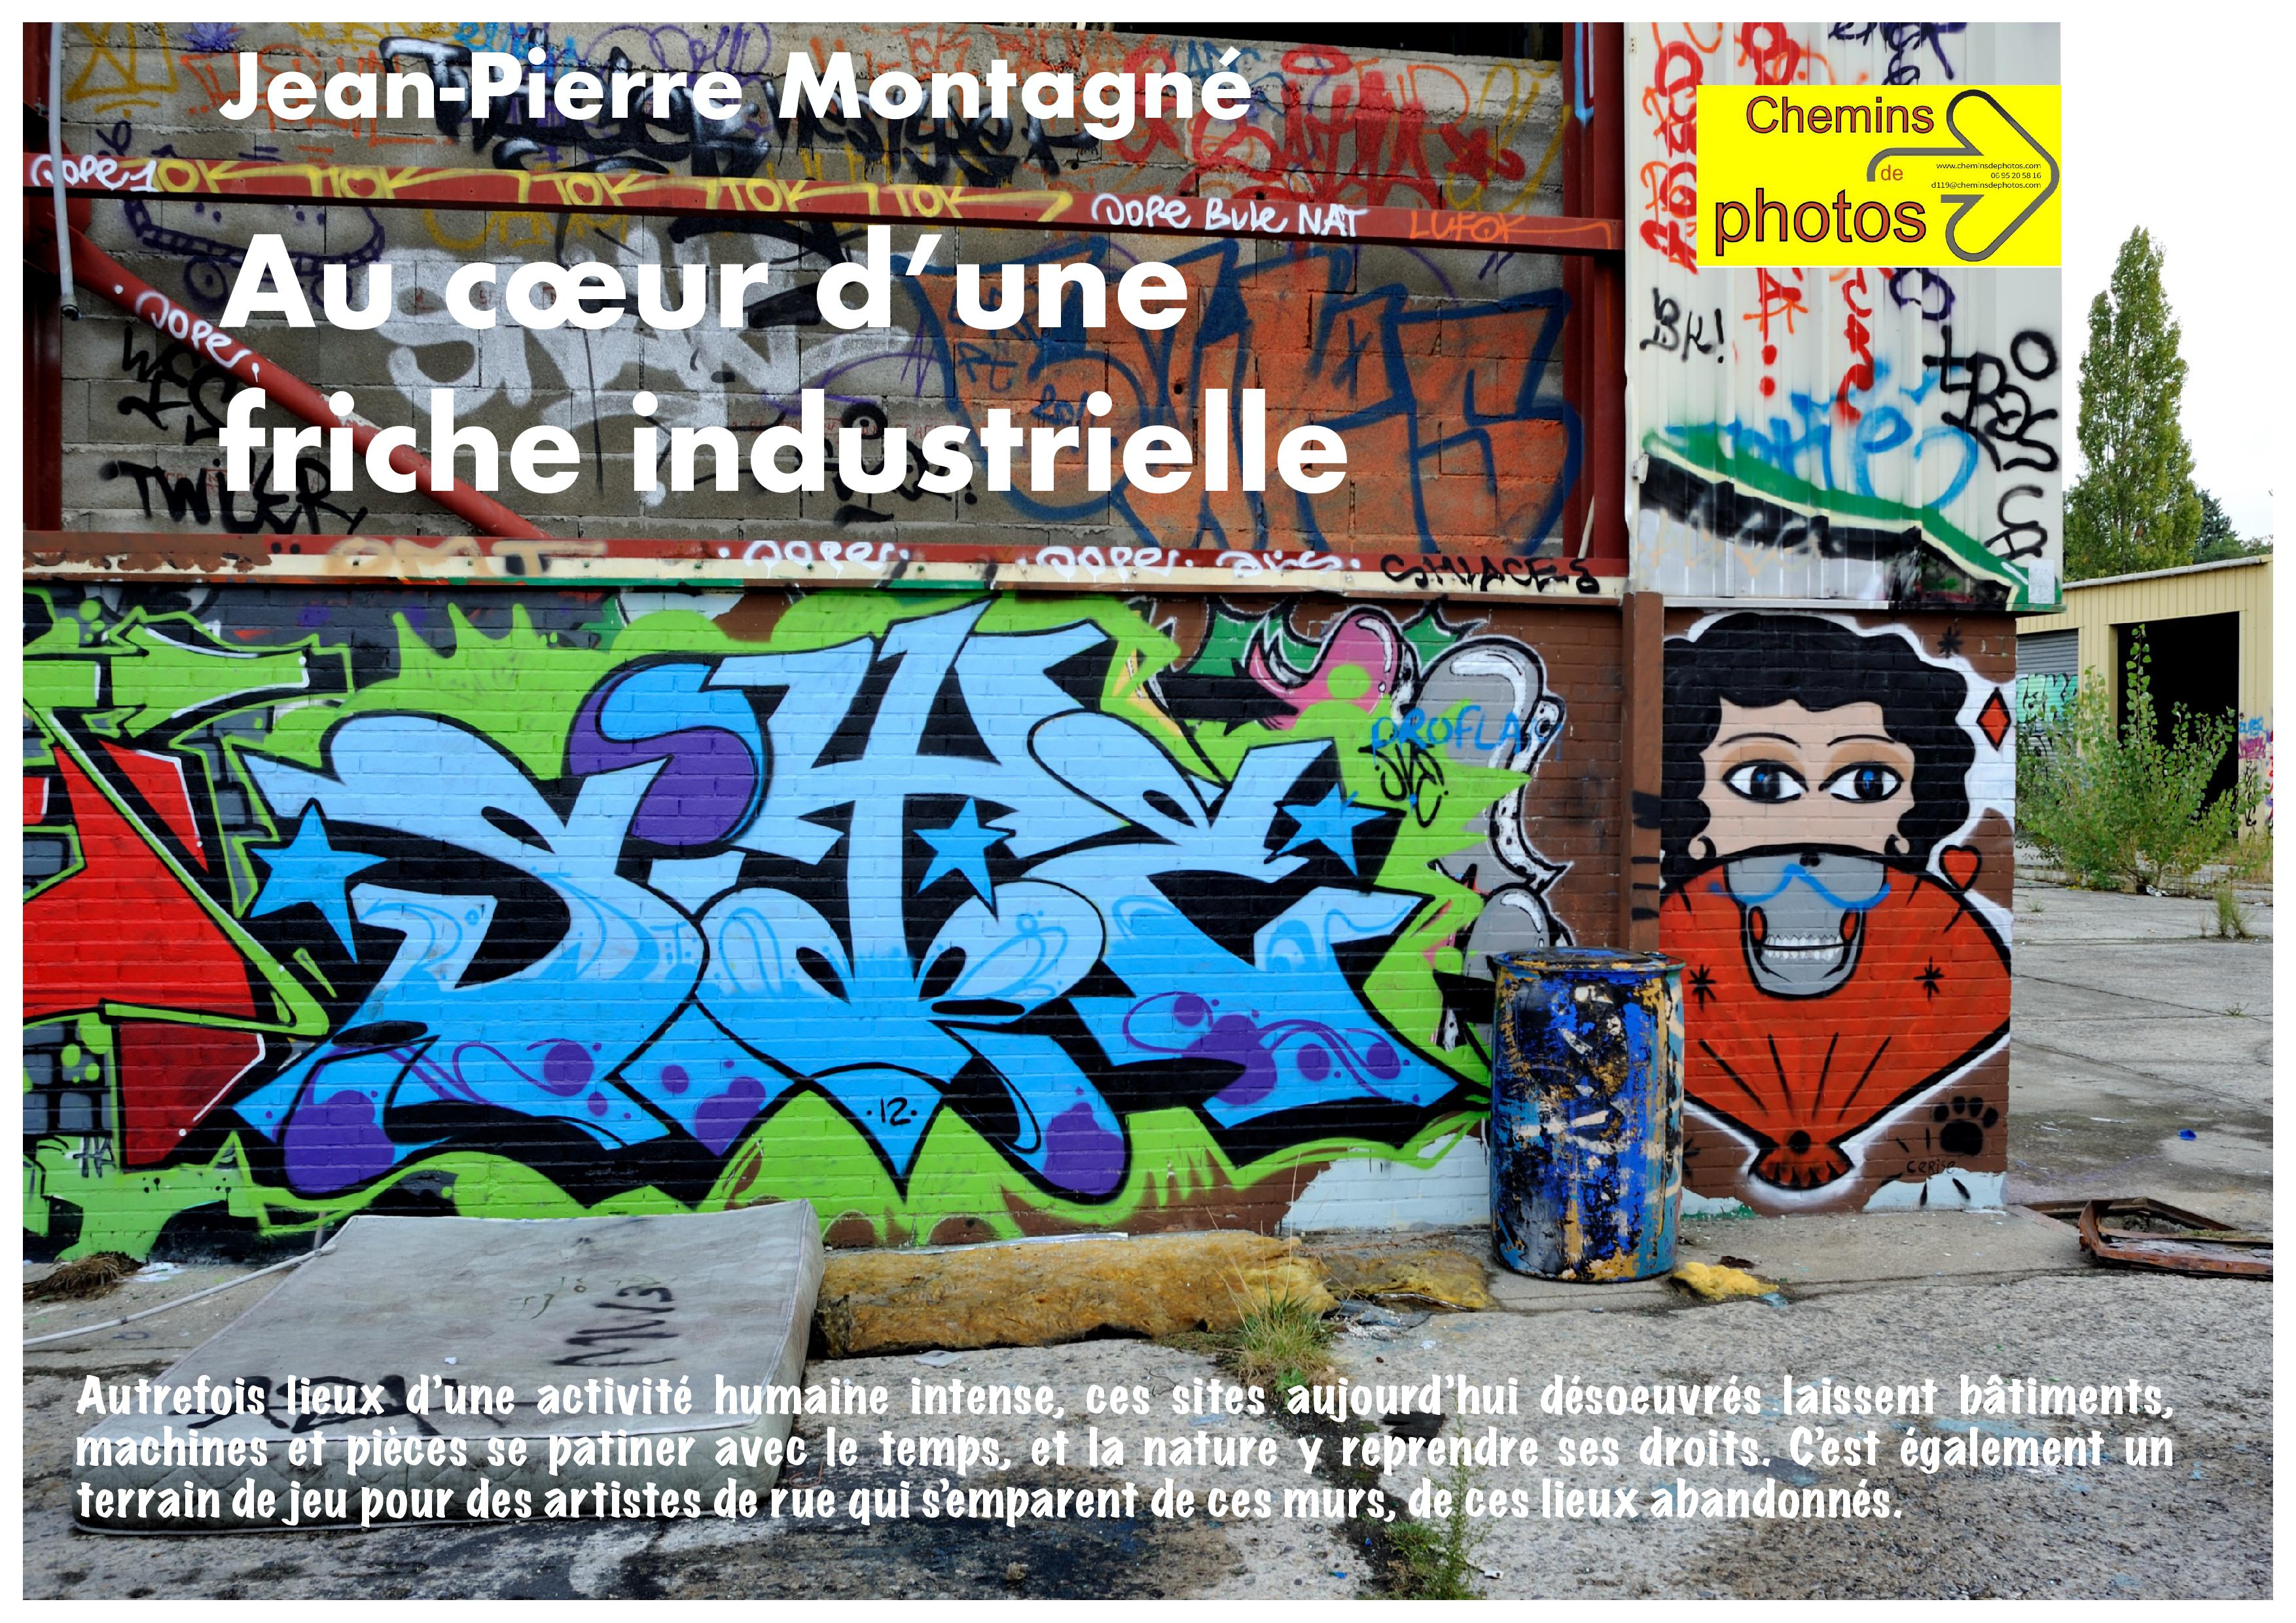 Friche industrielle - Jean-Pierre Montagné à Villasavary